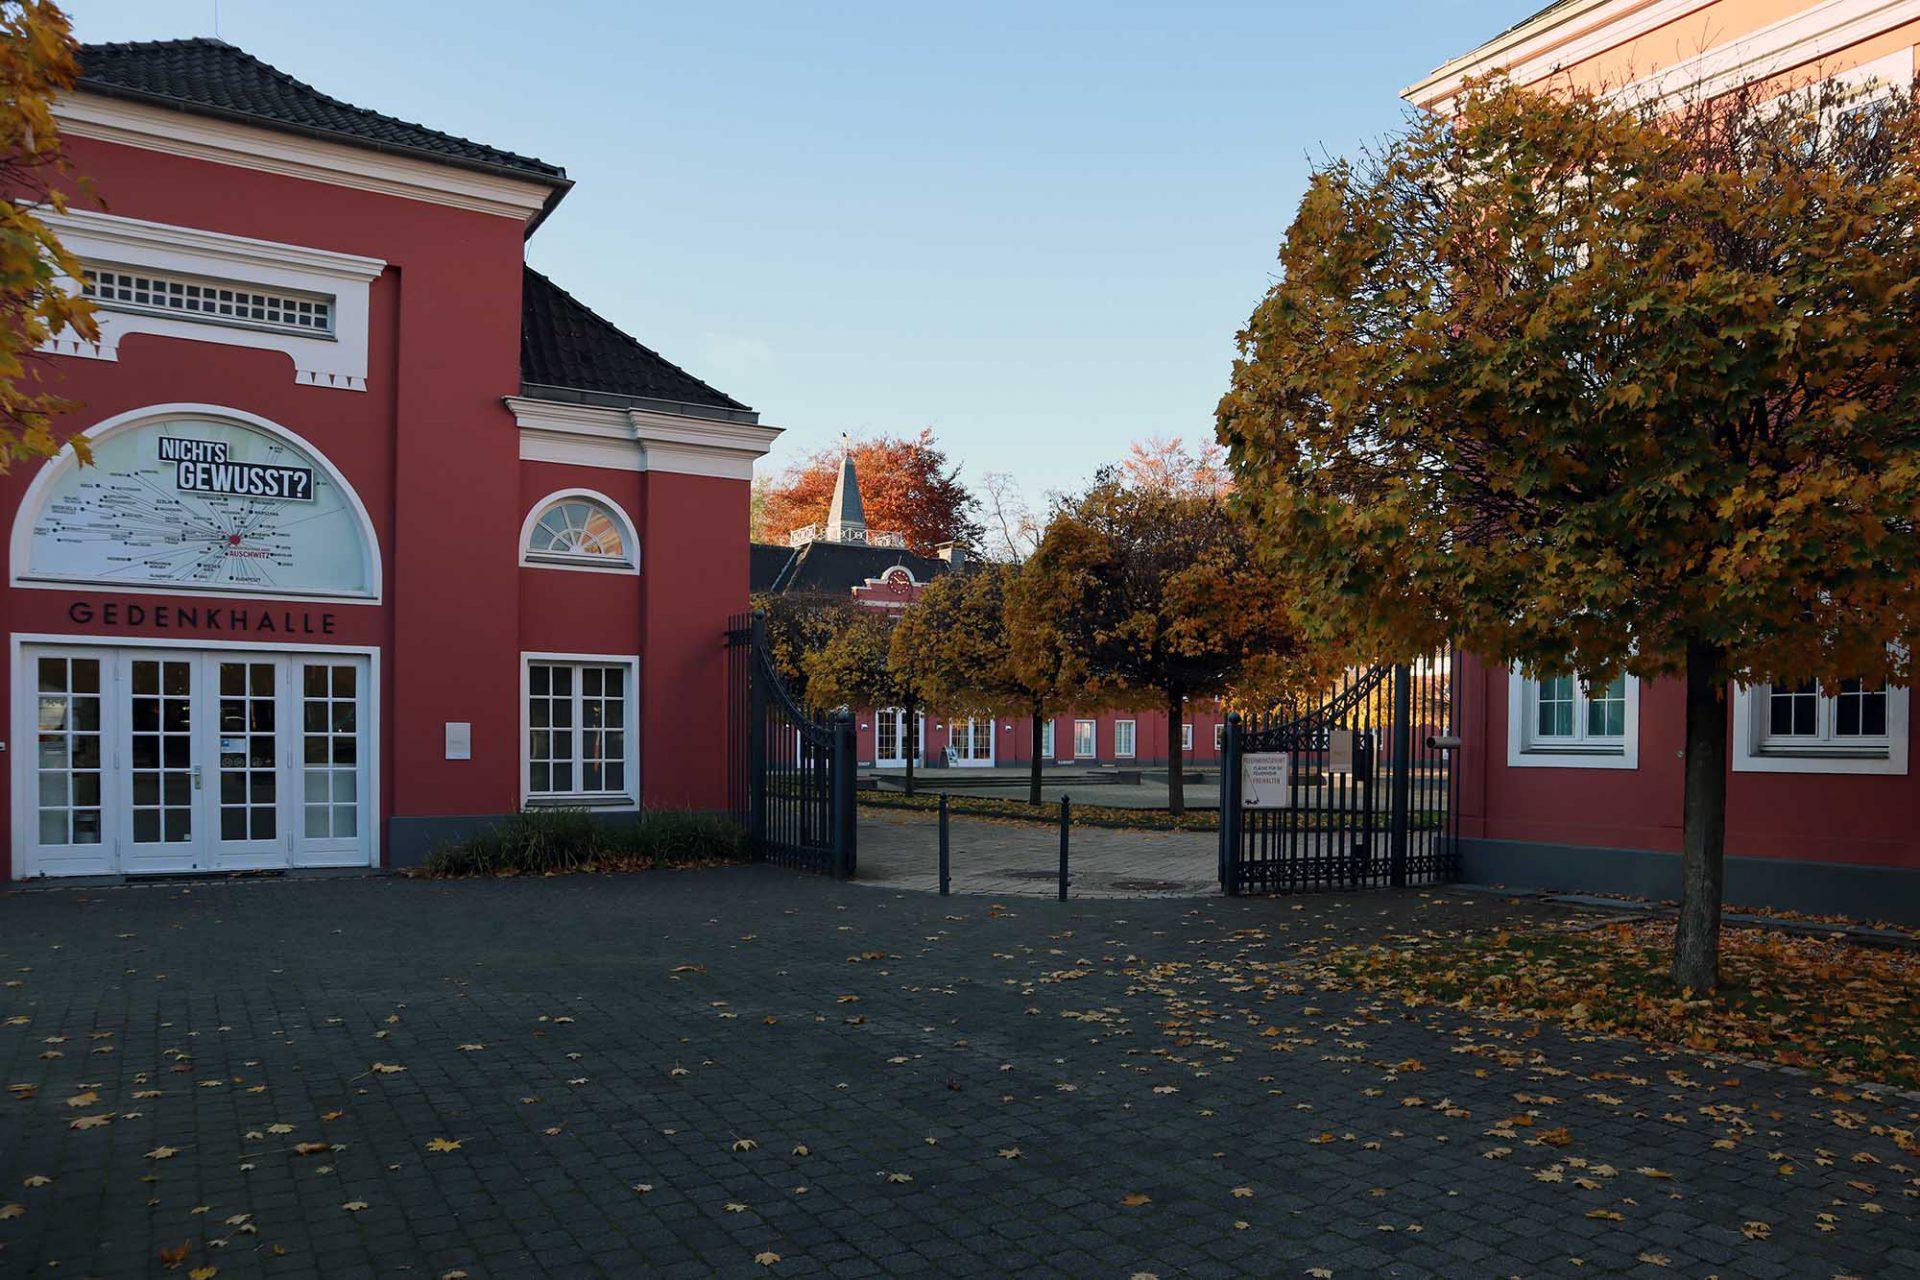 Ludwiggalerie Schloss Oberhausen. Auf der ehemaligen Schlossanlage befinden sich heute die Gedenkhalle mit die Gedenkstätte für die Opfer des Nationalsozialismus, die Schlossgastronomie Kaisergarten und die Ludwiggalerie Schloss Oberhausen.